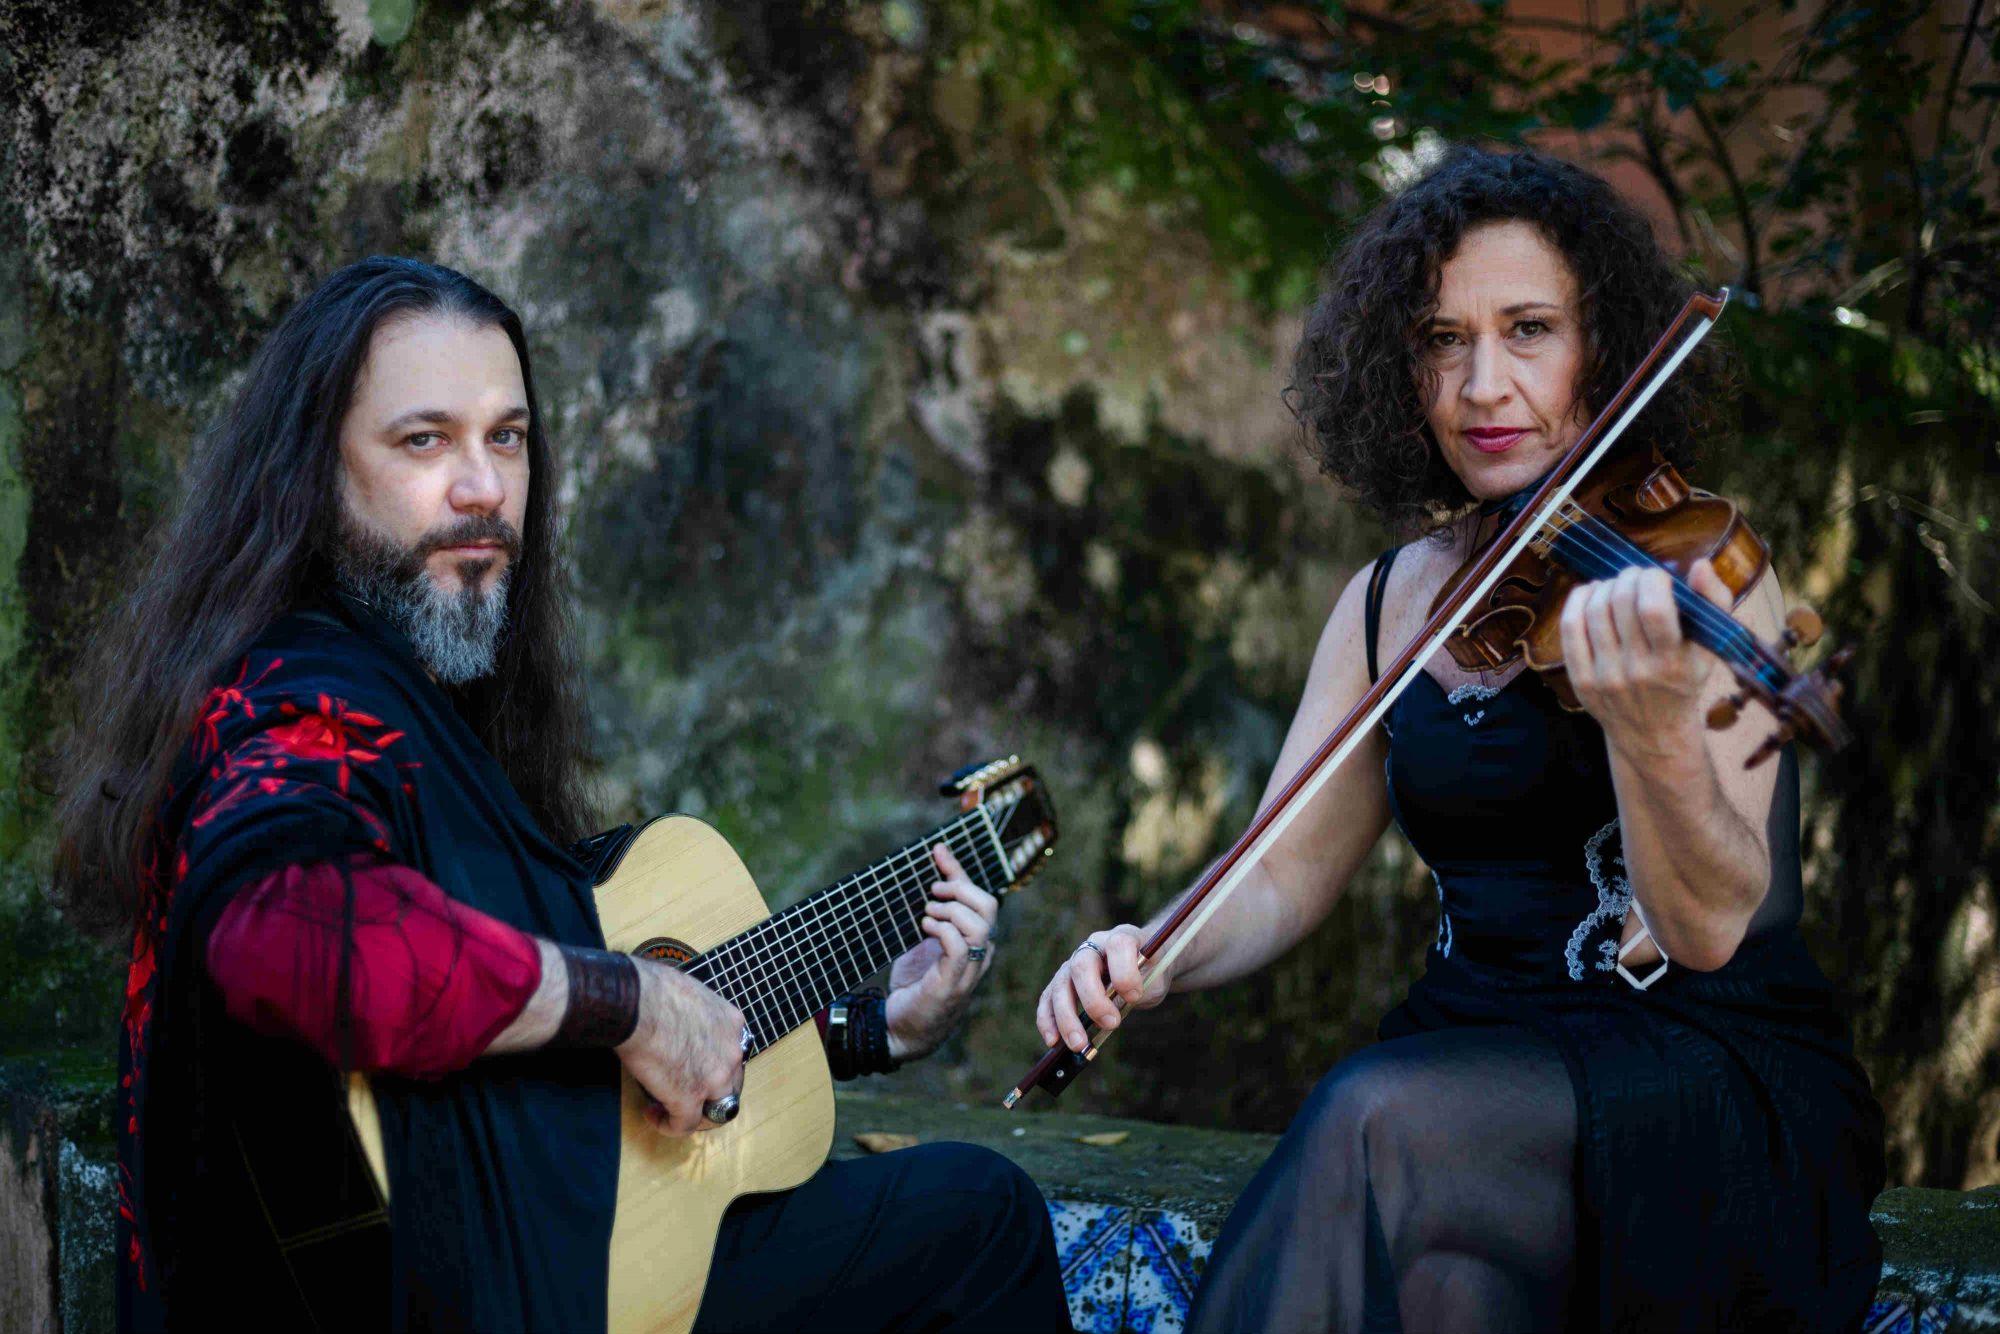 Ana de Oliveira e Sérgio Ferraz lançam CD dedicado à Música Instrumental e homenageando Egberto Gismonti